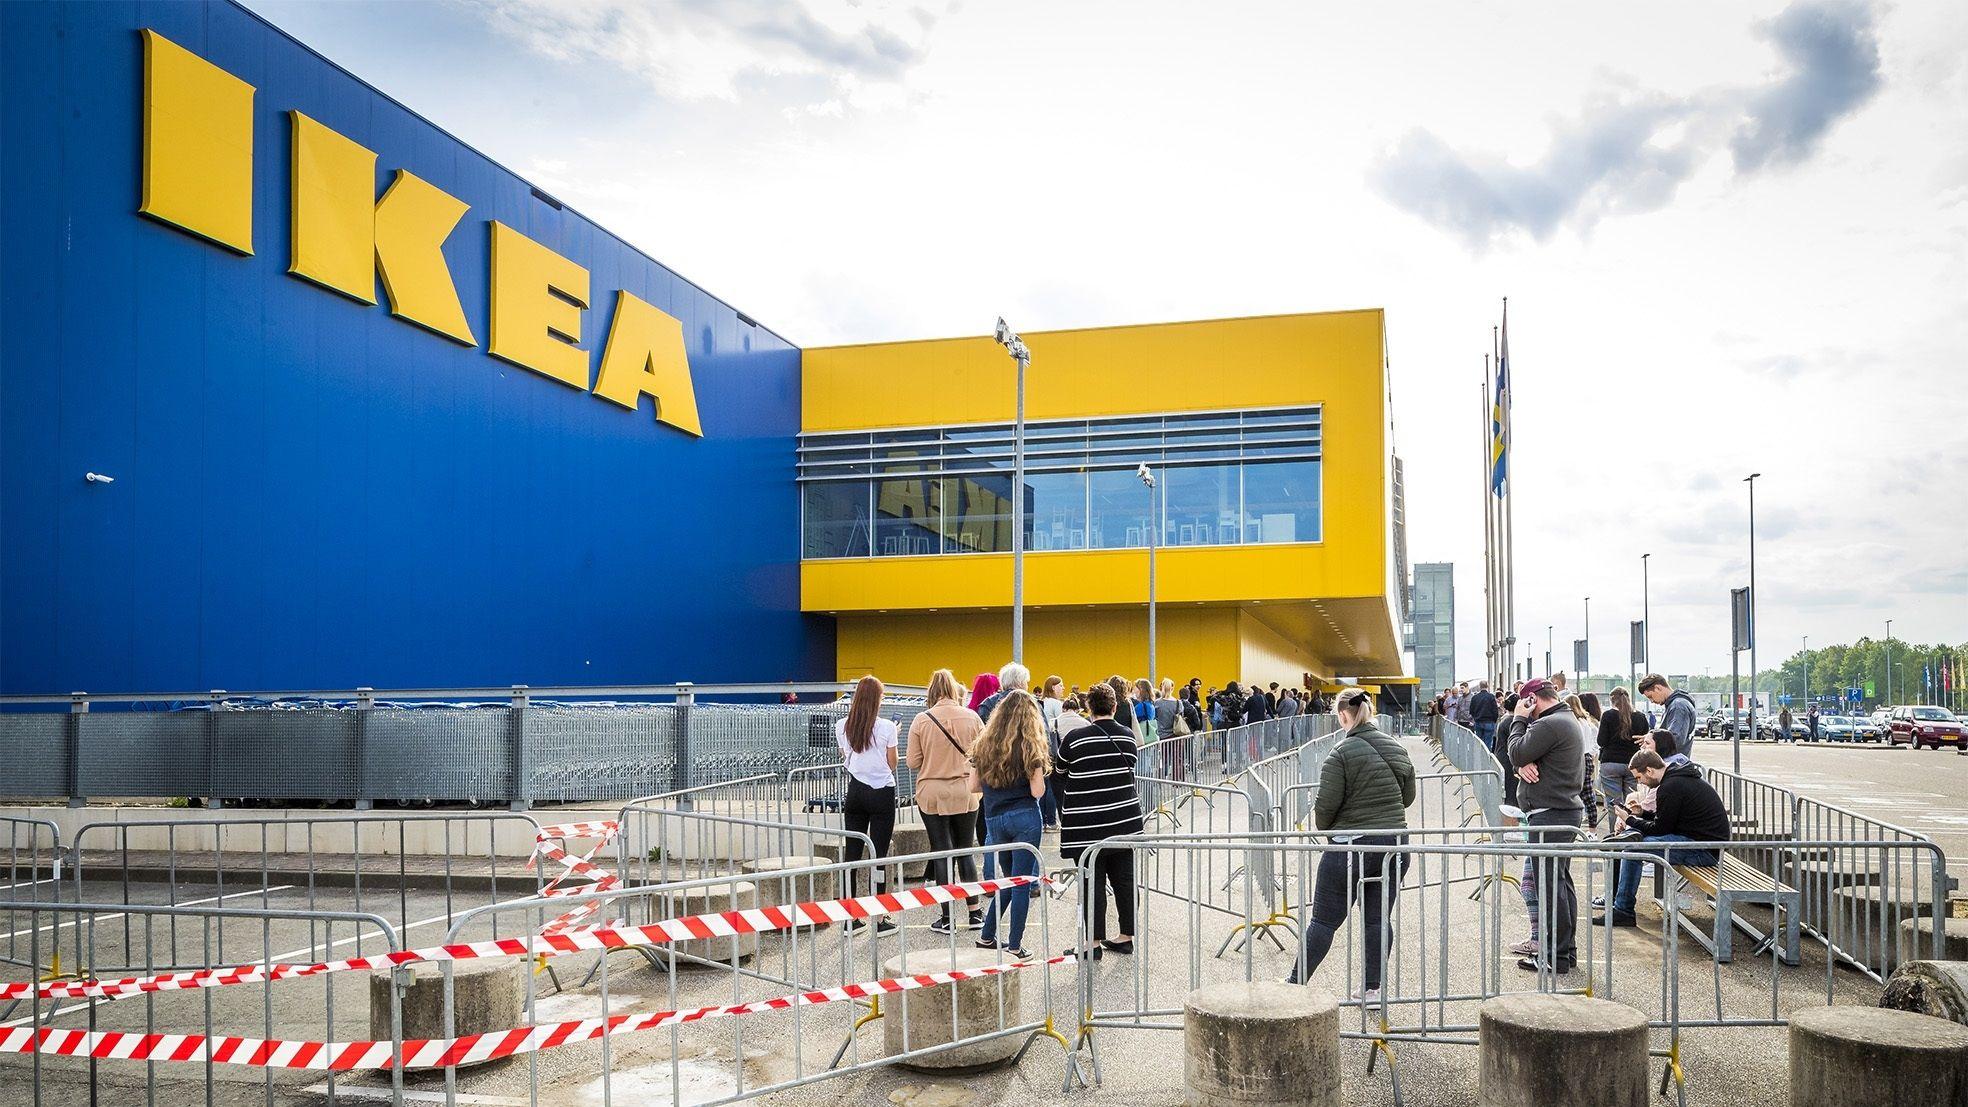 IKEA corona opening heerlen